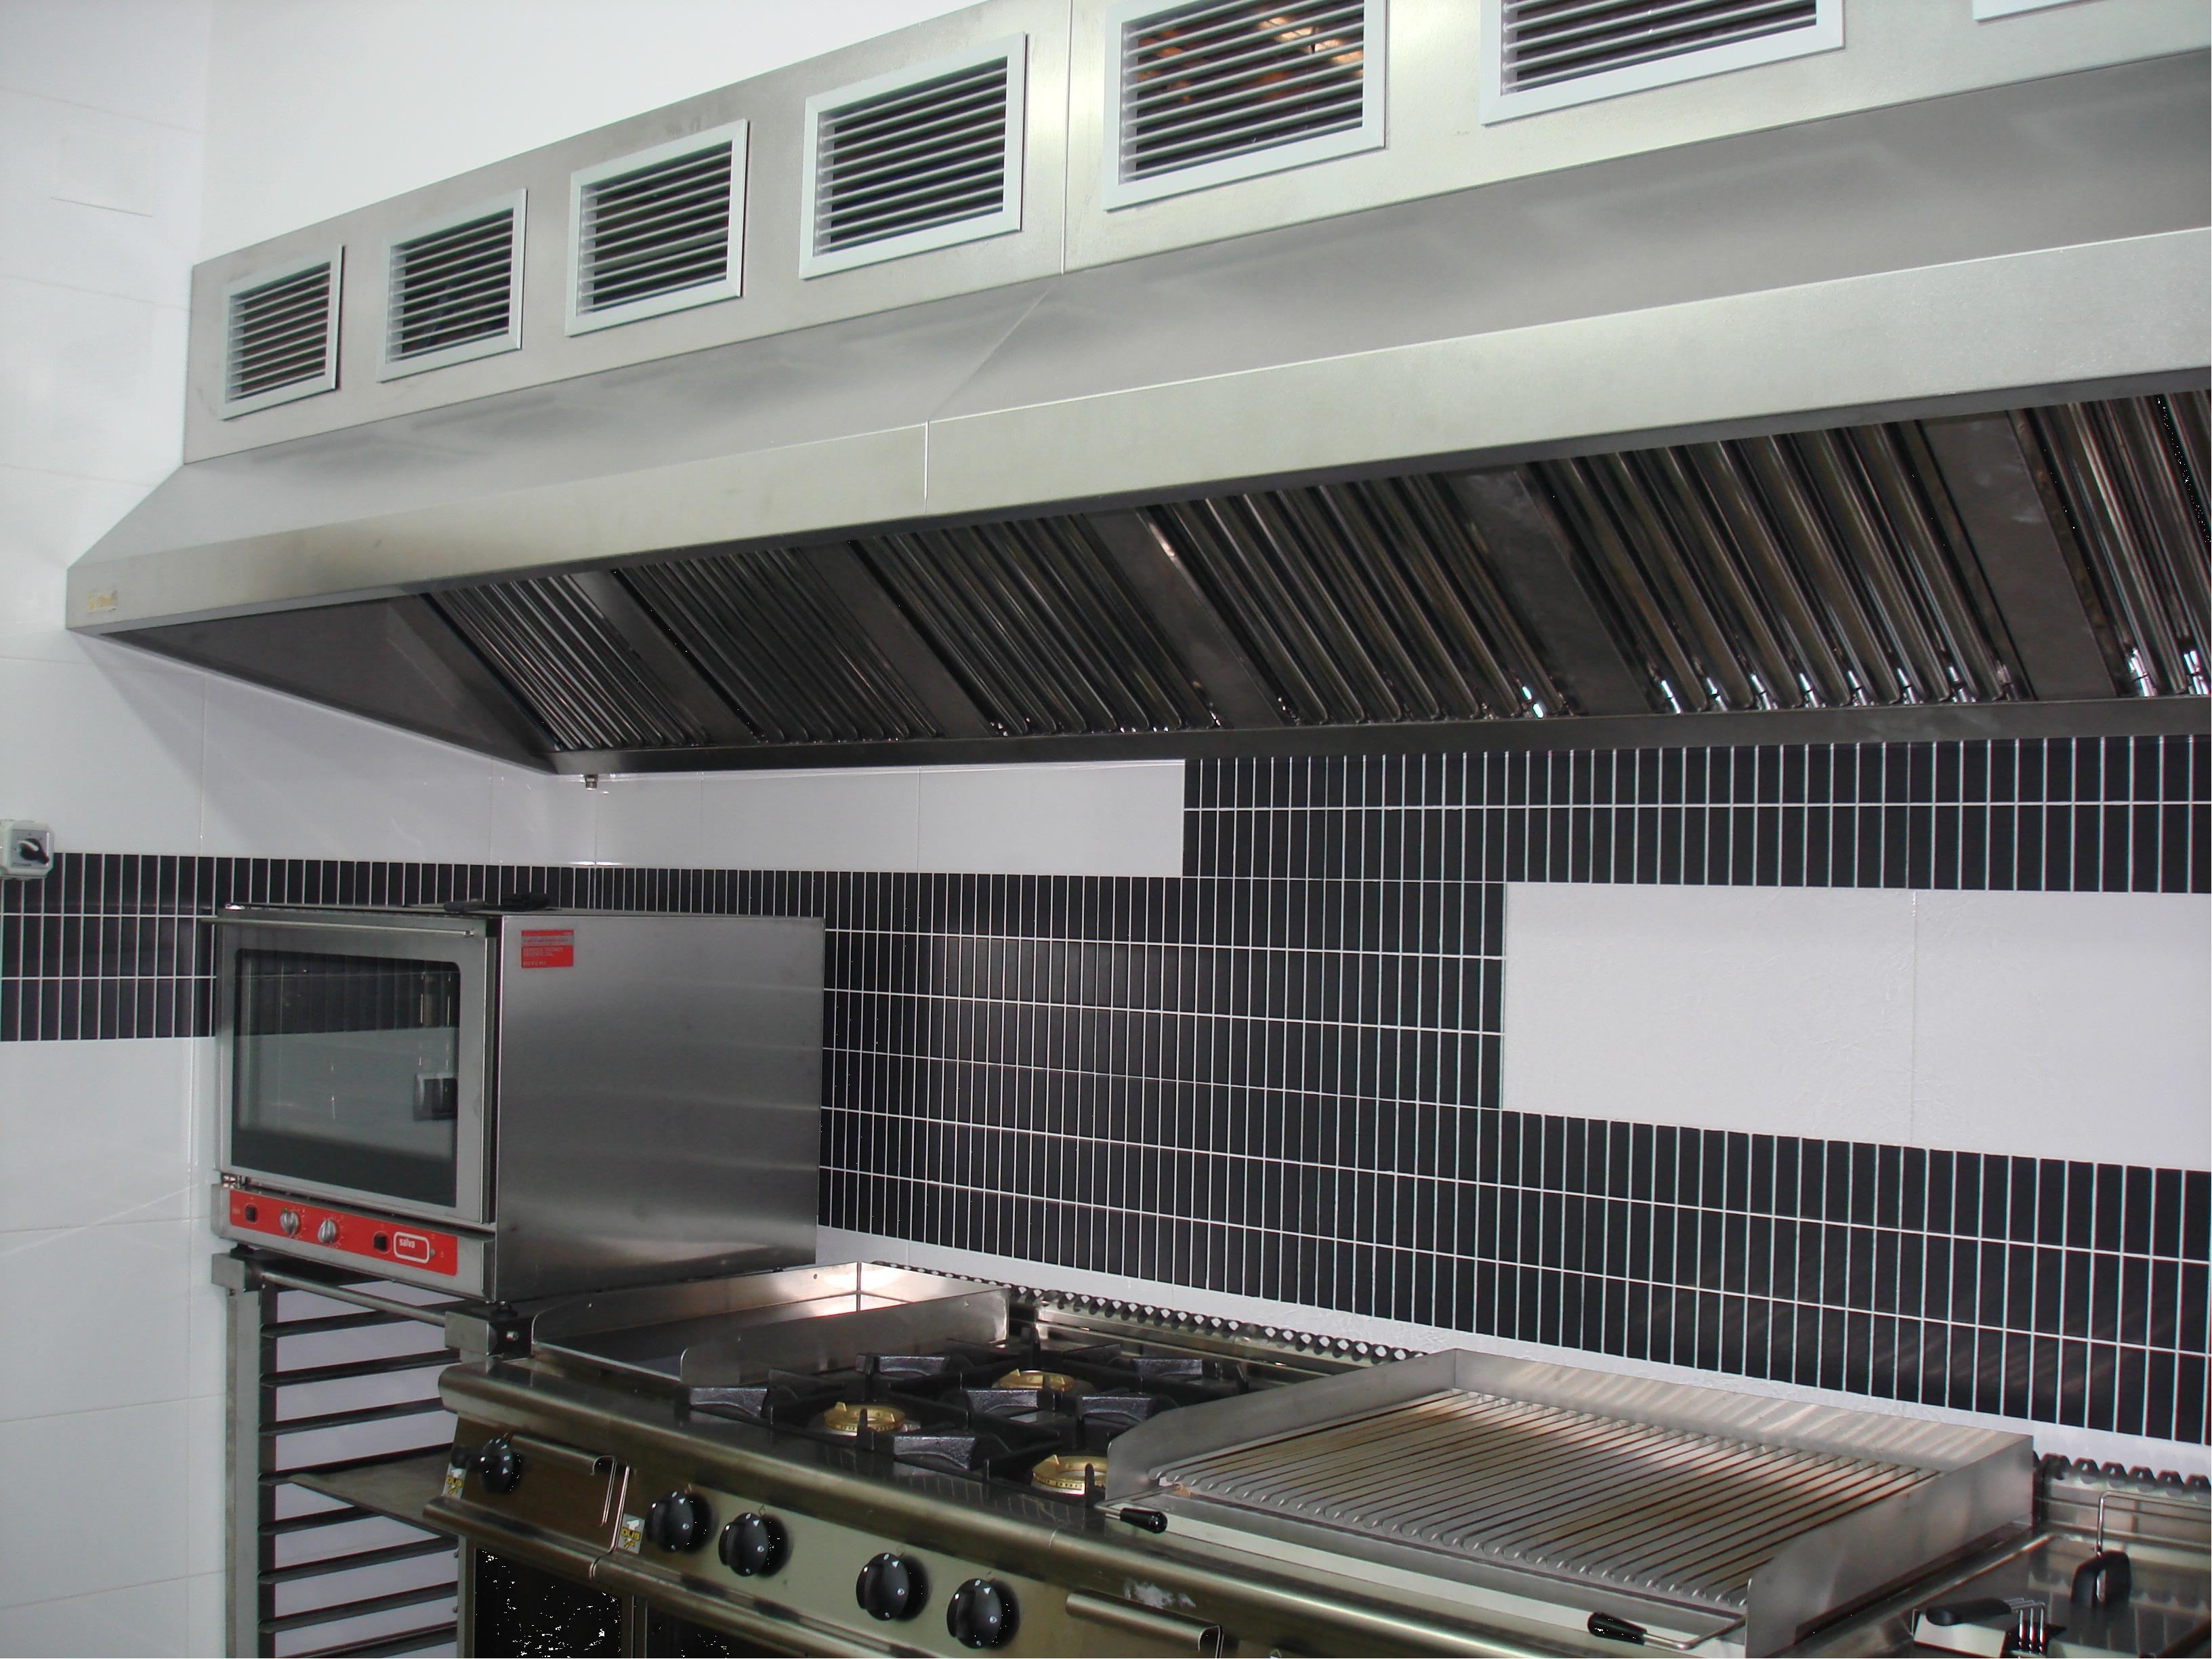 Campanas extractoras industriales hosteler a filtresa for Distribucion de cocinas industriales